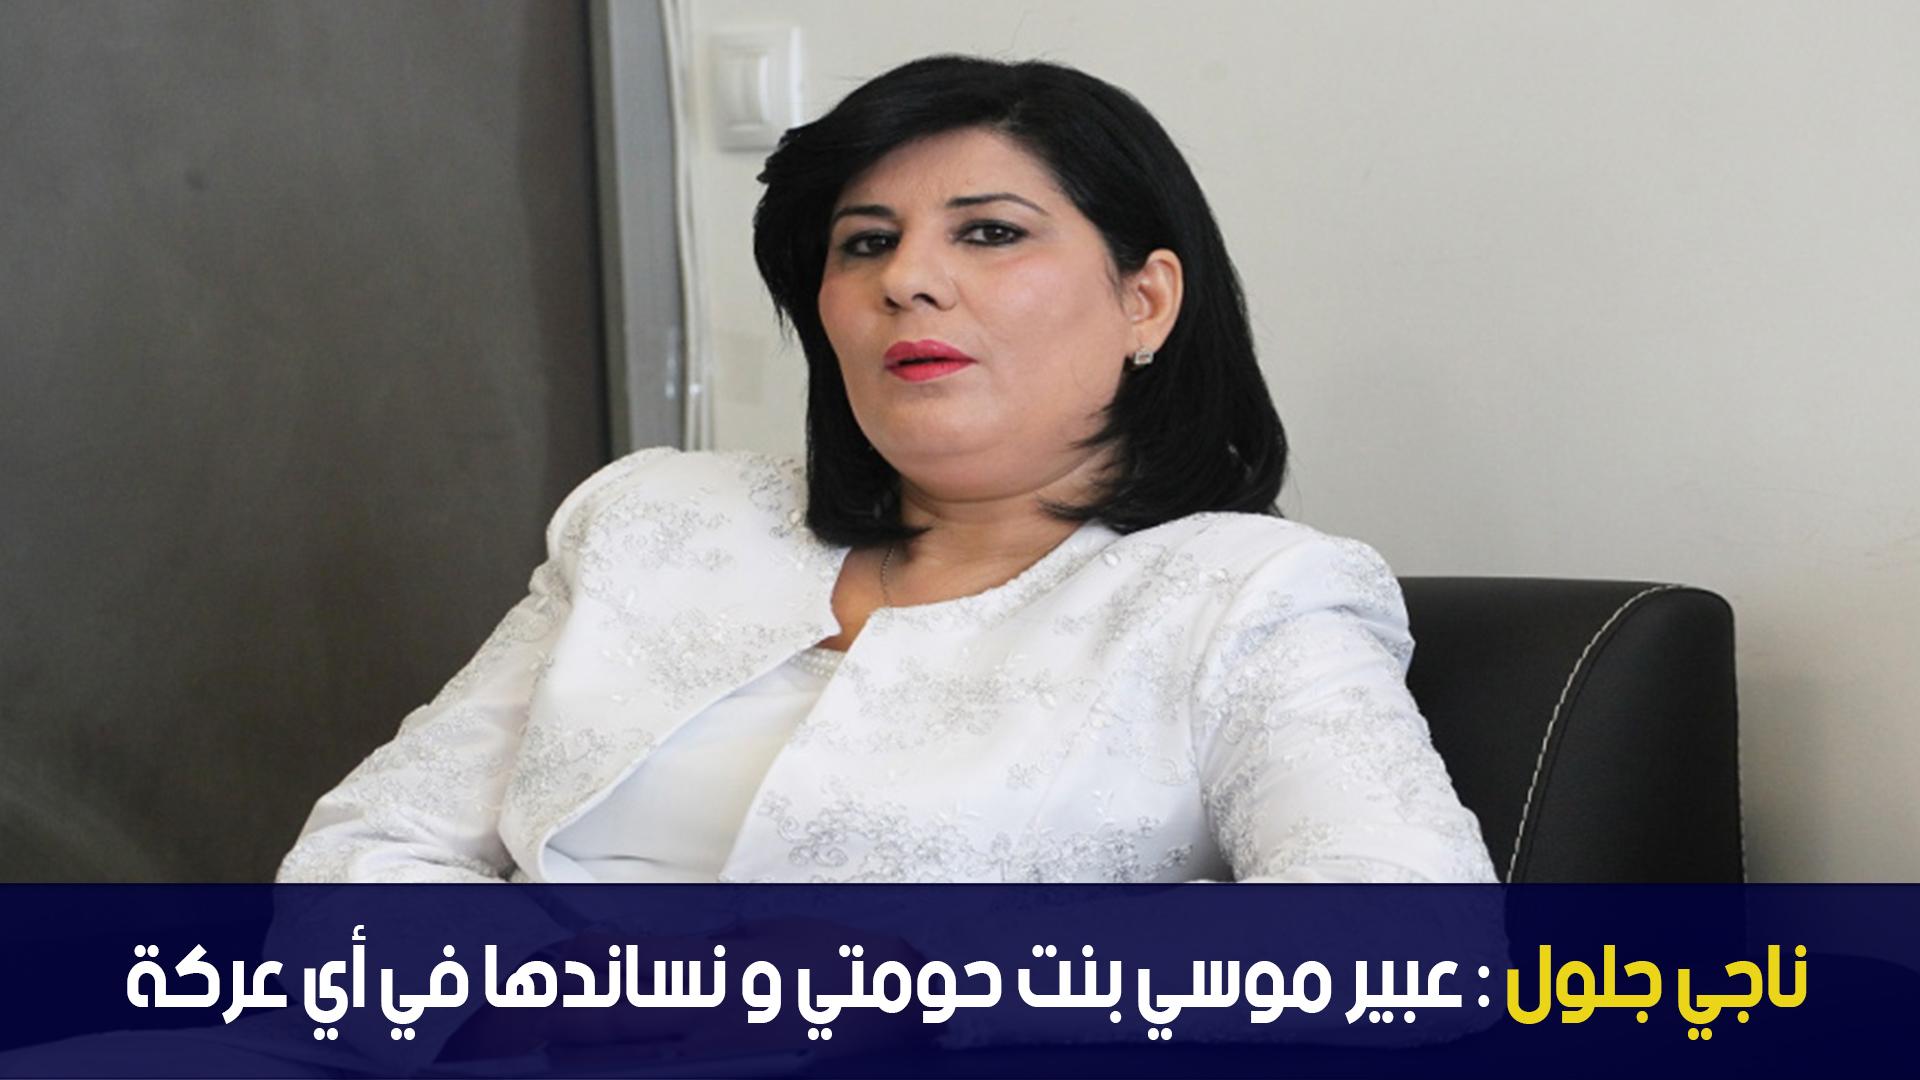 ناجي جلول : عبير موسي بنت حومتي و نساندها في أي عركة